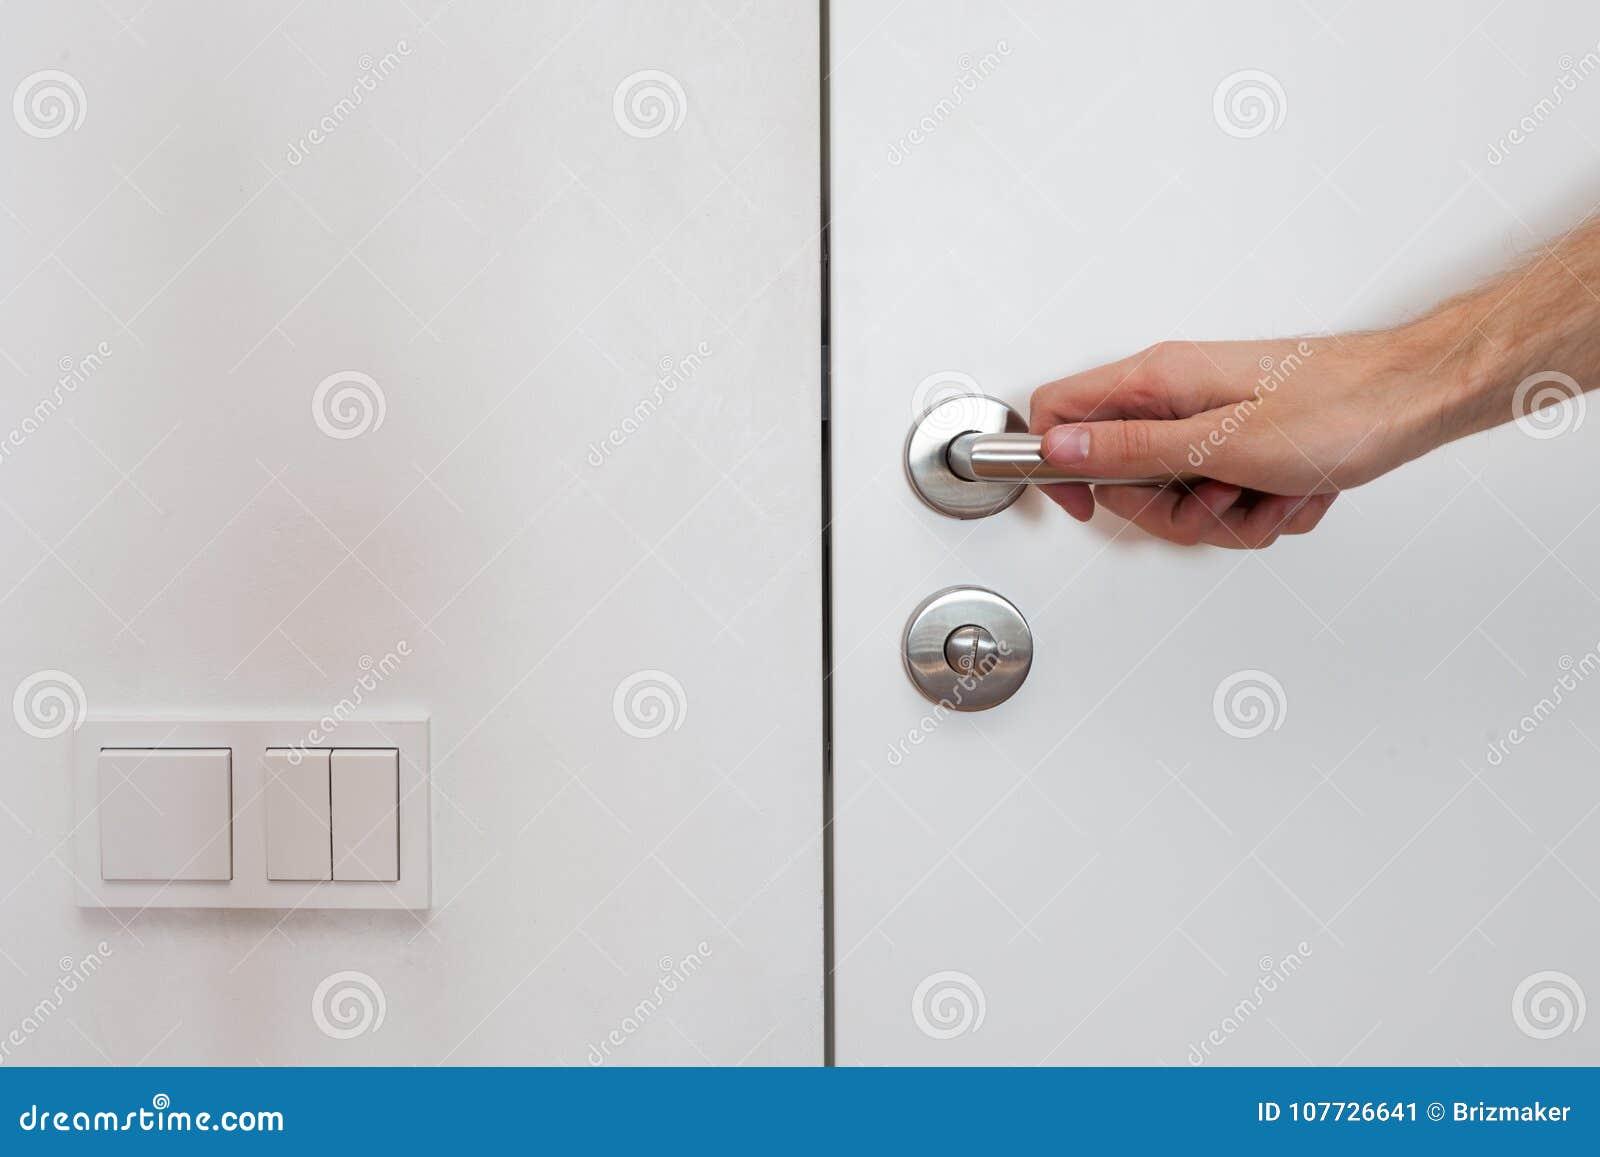 Light Switch Next To The Door Handle. Open White Door With Metallic ...